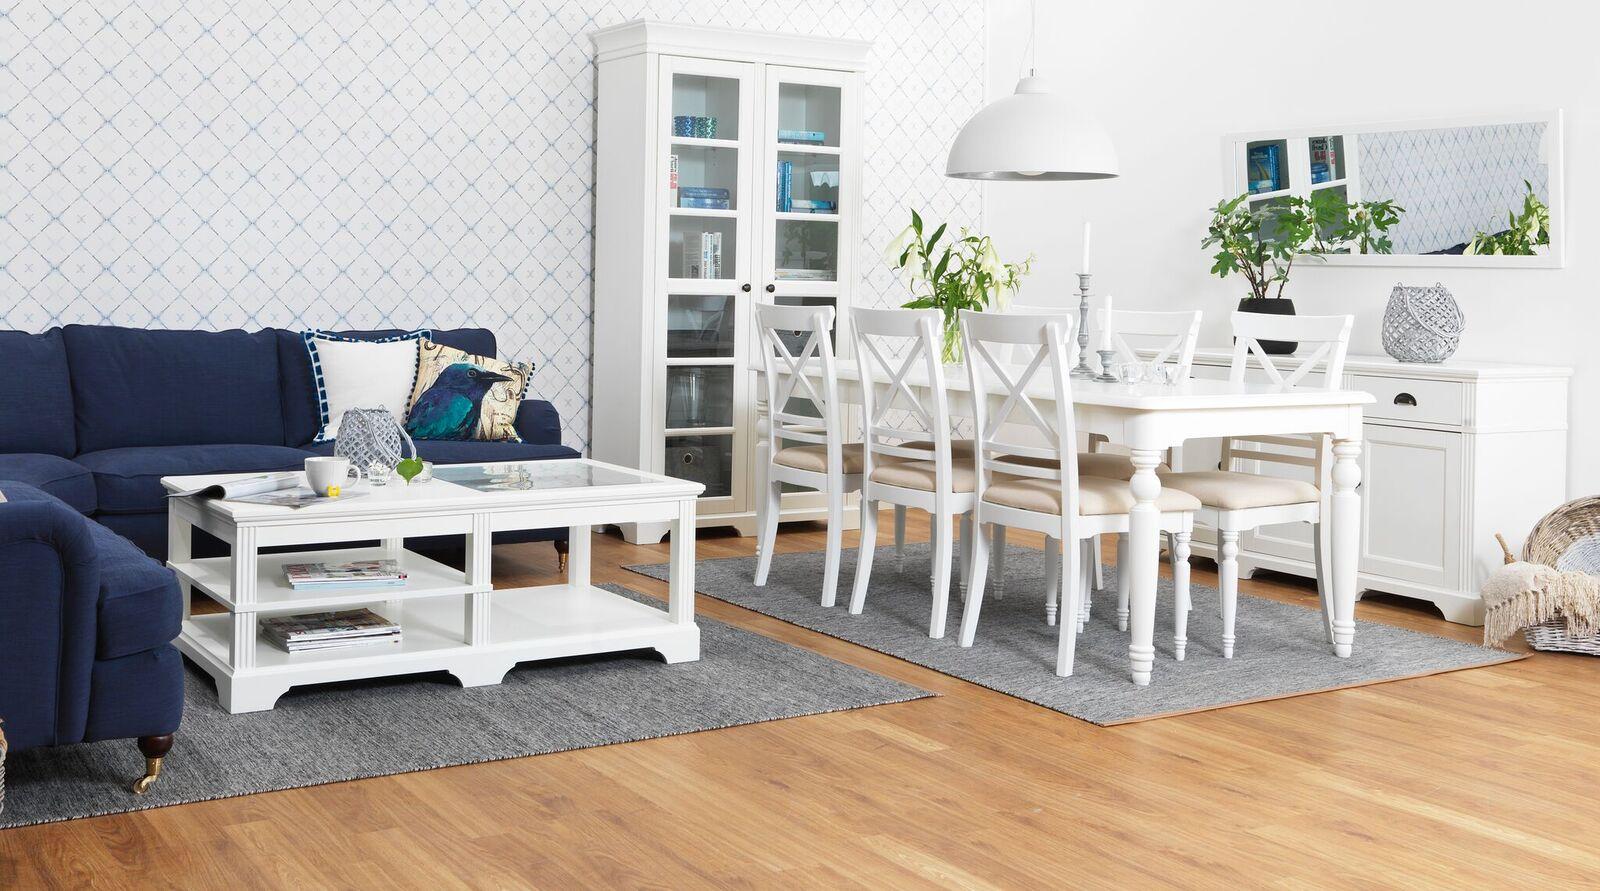 couchtisch charlot 70x130 cm wohnzimmer glas tisch beistelltisch teilmassiv wei m bel wohnen. Black Bedroom Furniture Sets. Home Design Ideas